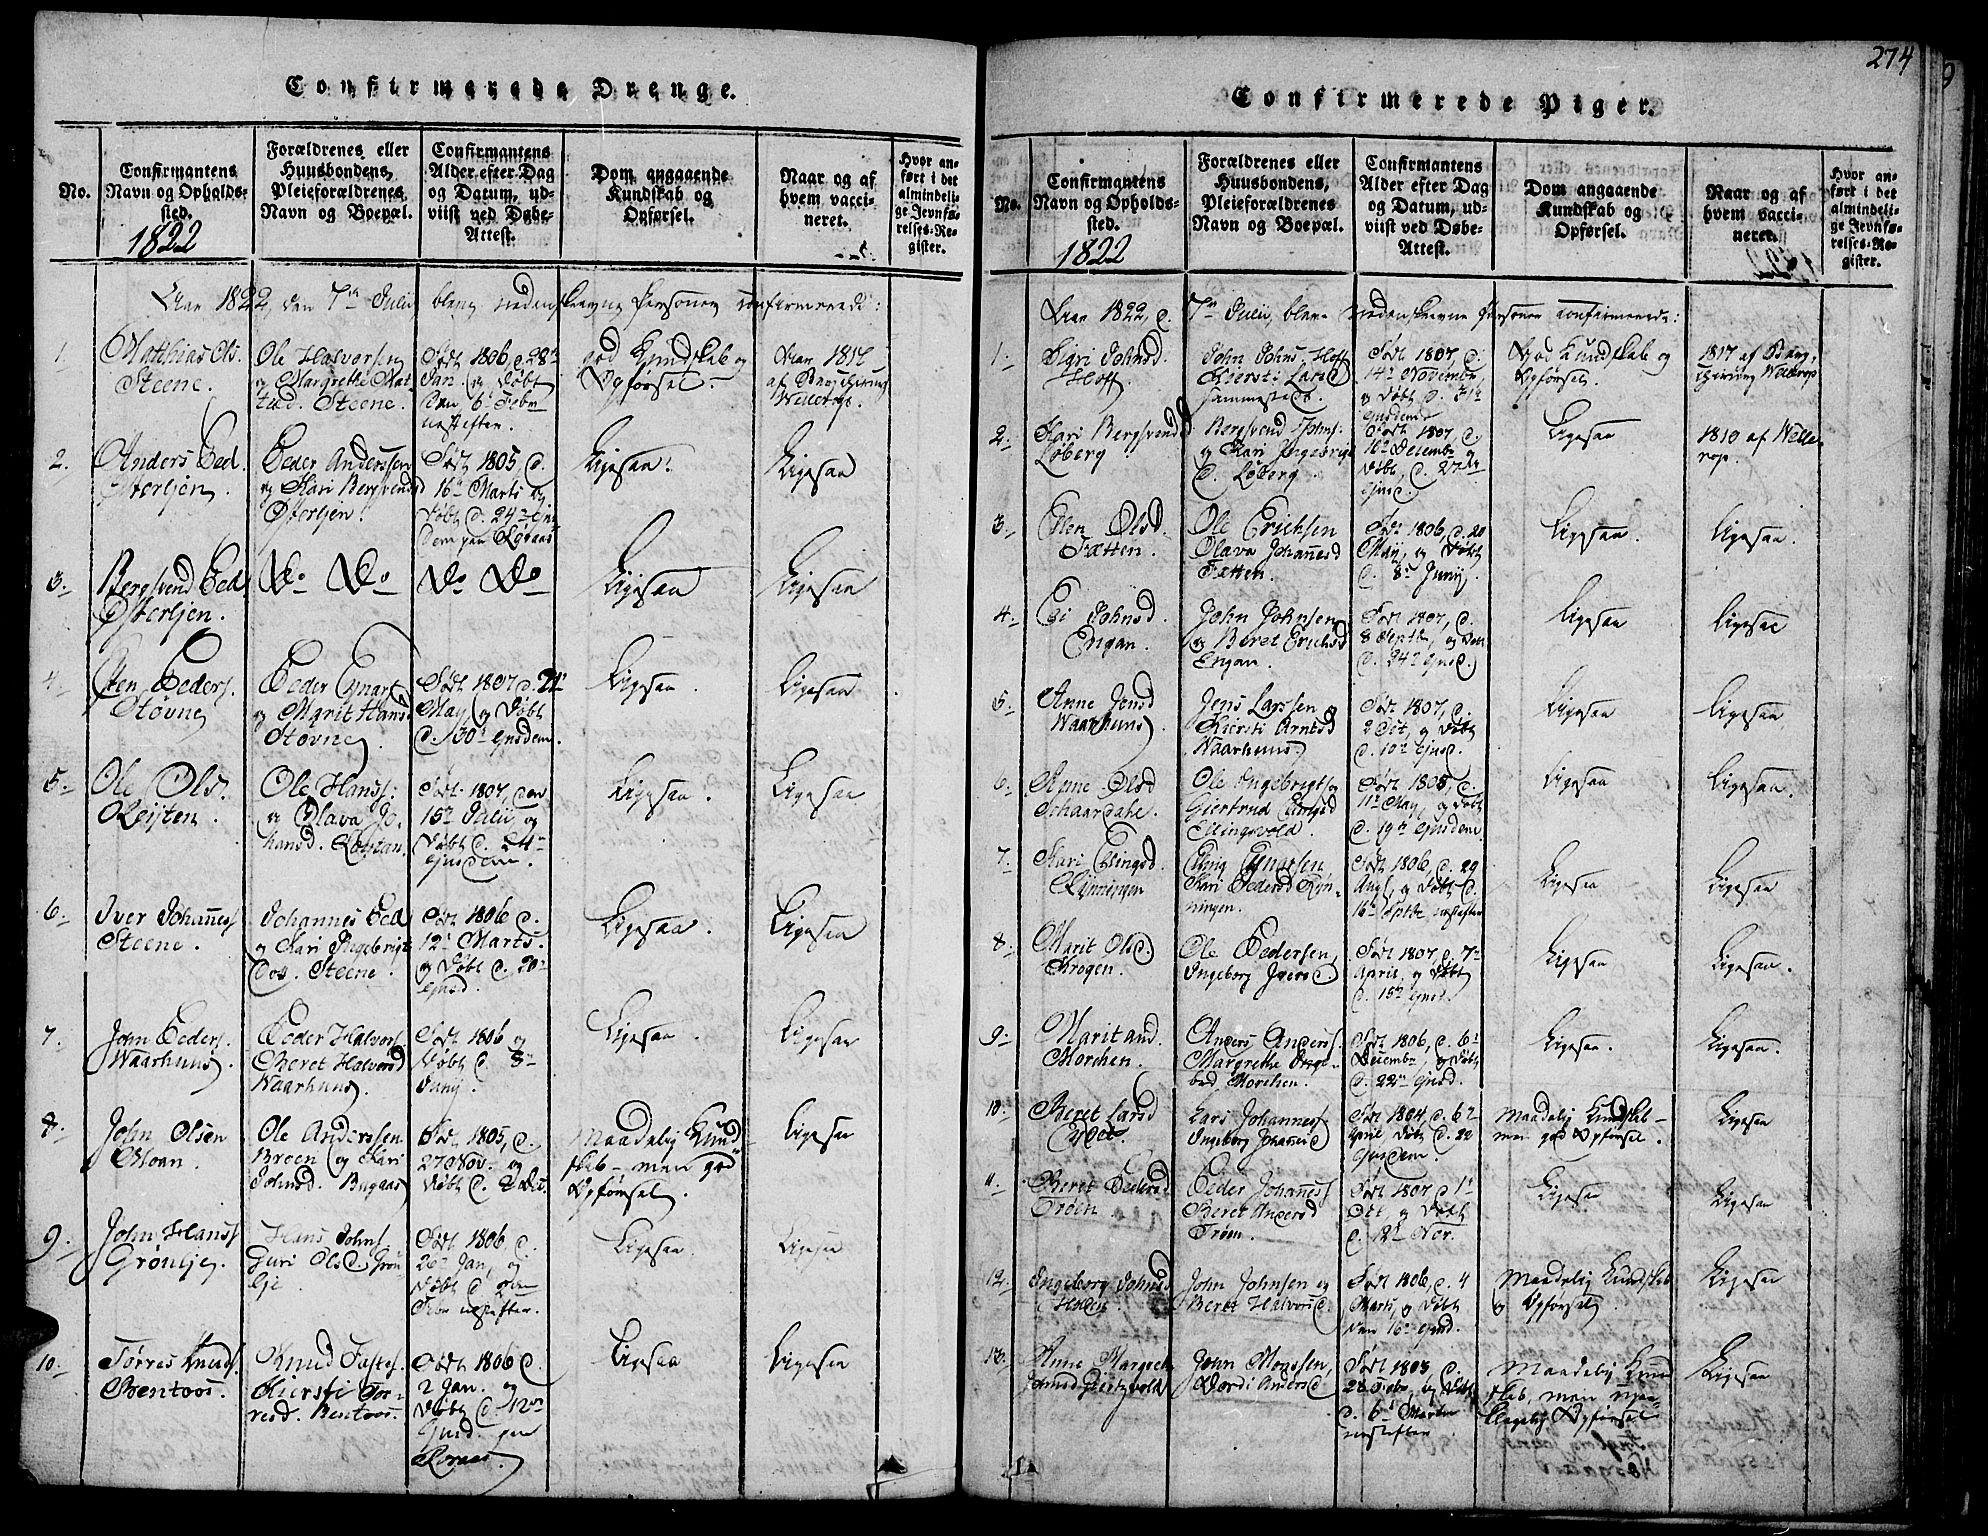 SAT, Ministerialprotokoller, klokkerbøker og fødselsregistre - Sør-Trøndelag, 685/L0956: Ministerialbok nr. 685A03 /3, 1817-1829, s. 274